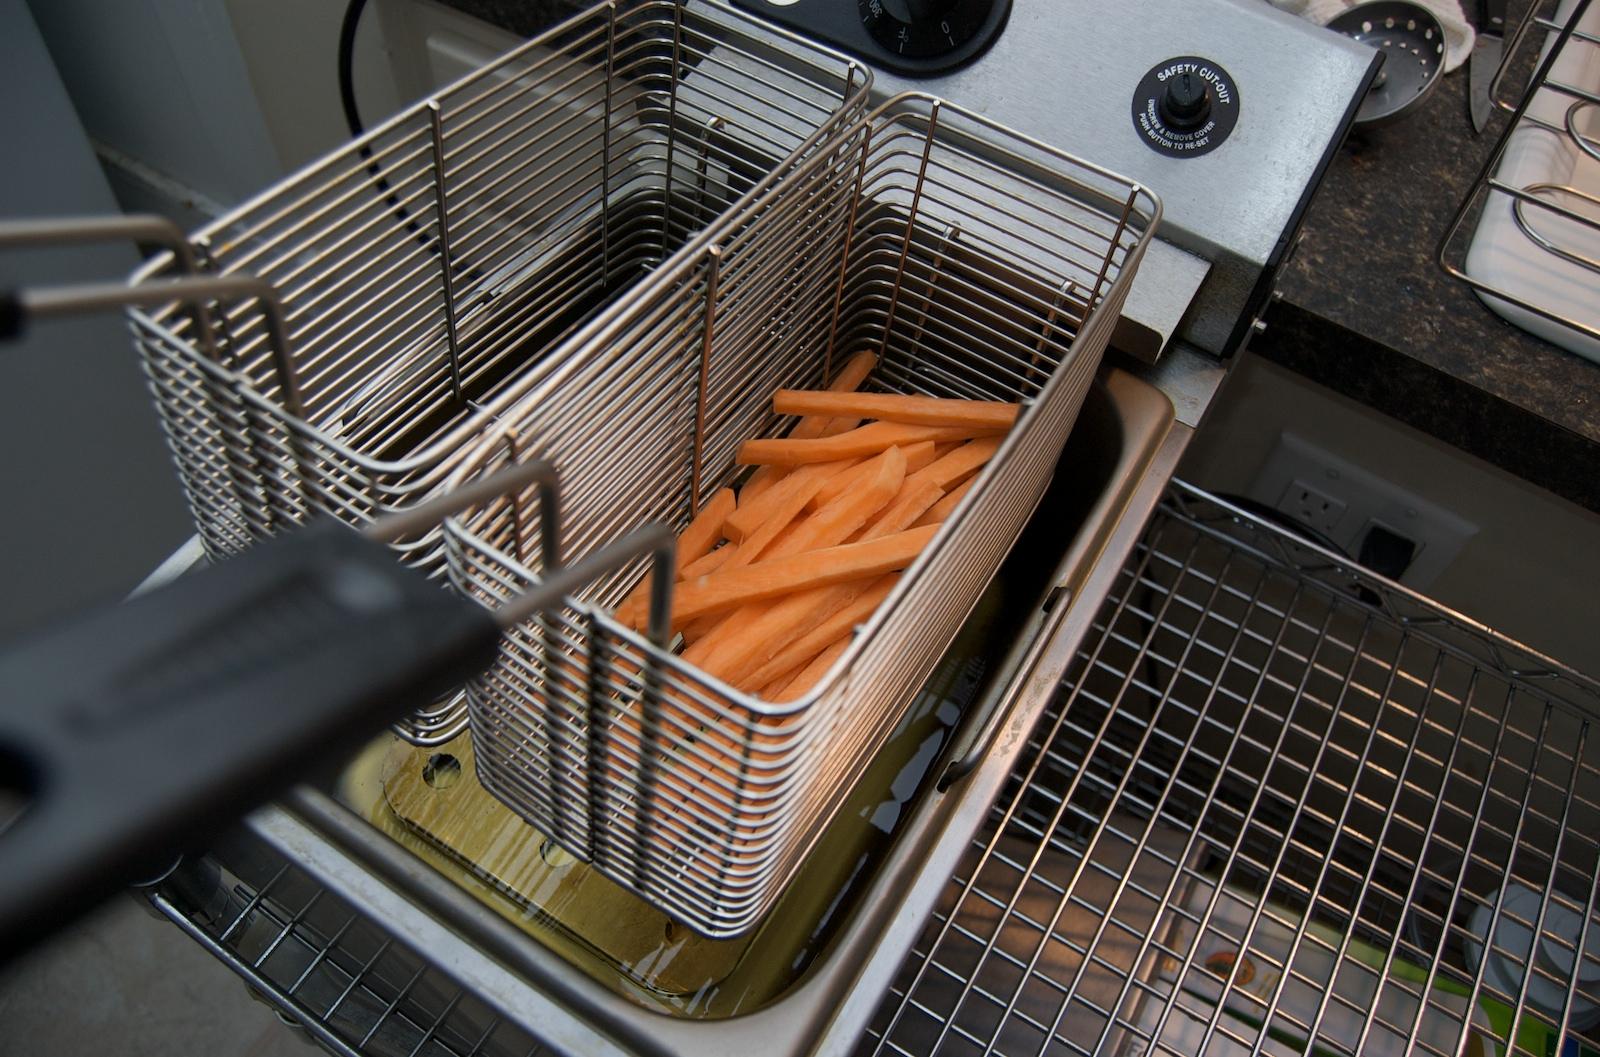 http://blog.rickk.com/food/2010/01/01/DSC_0021.jpg